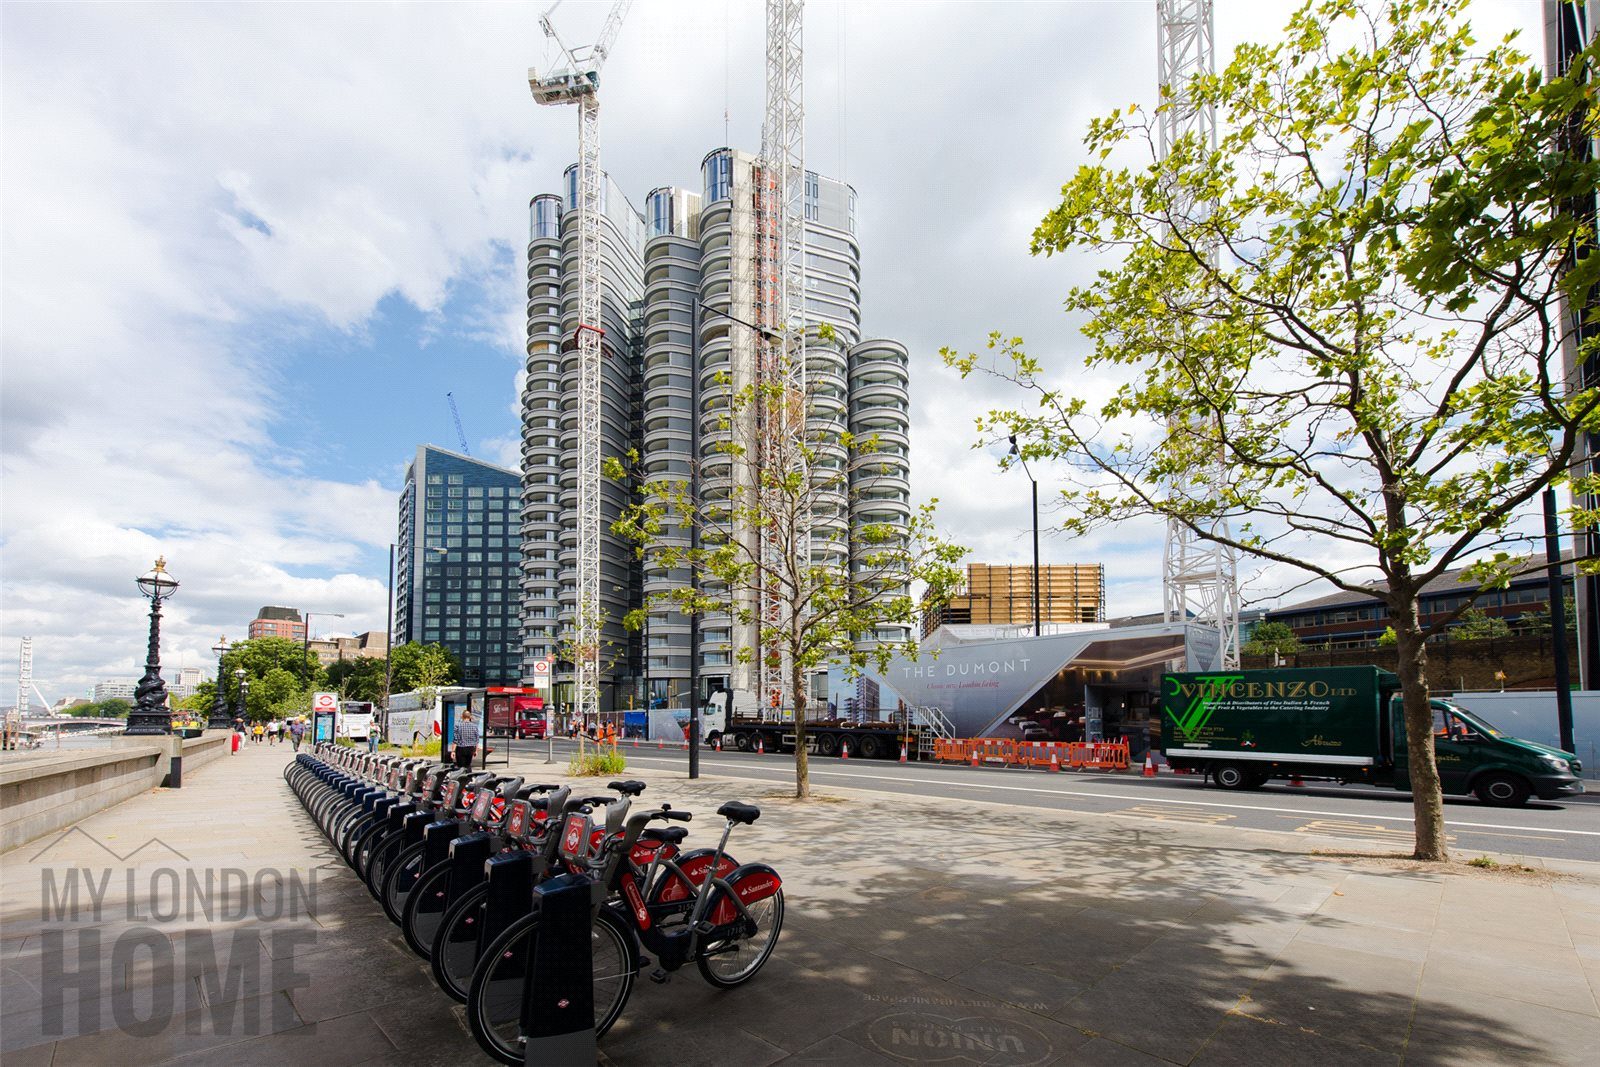 Santander Cycle,Local